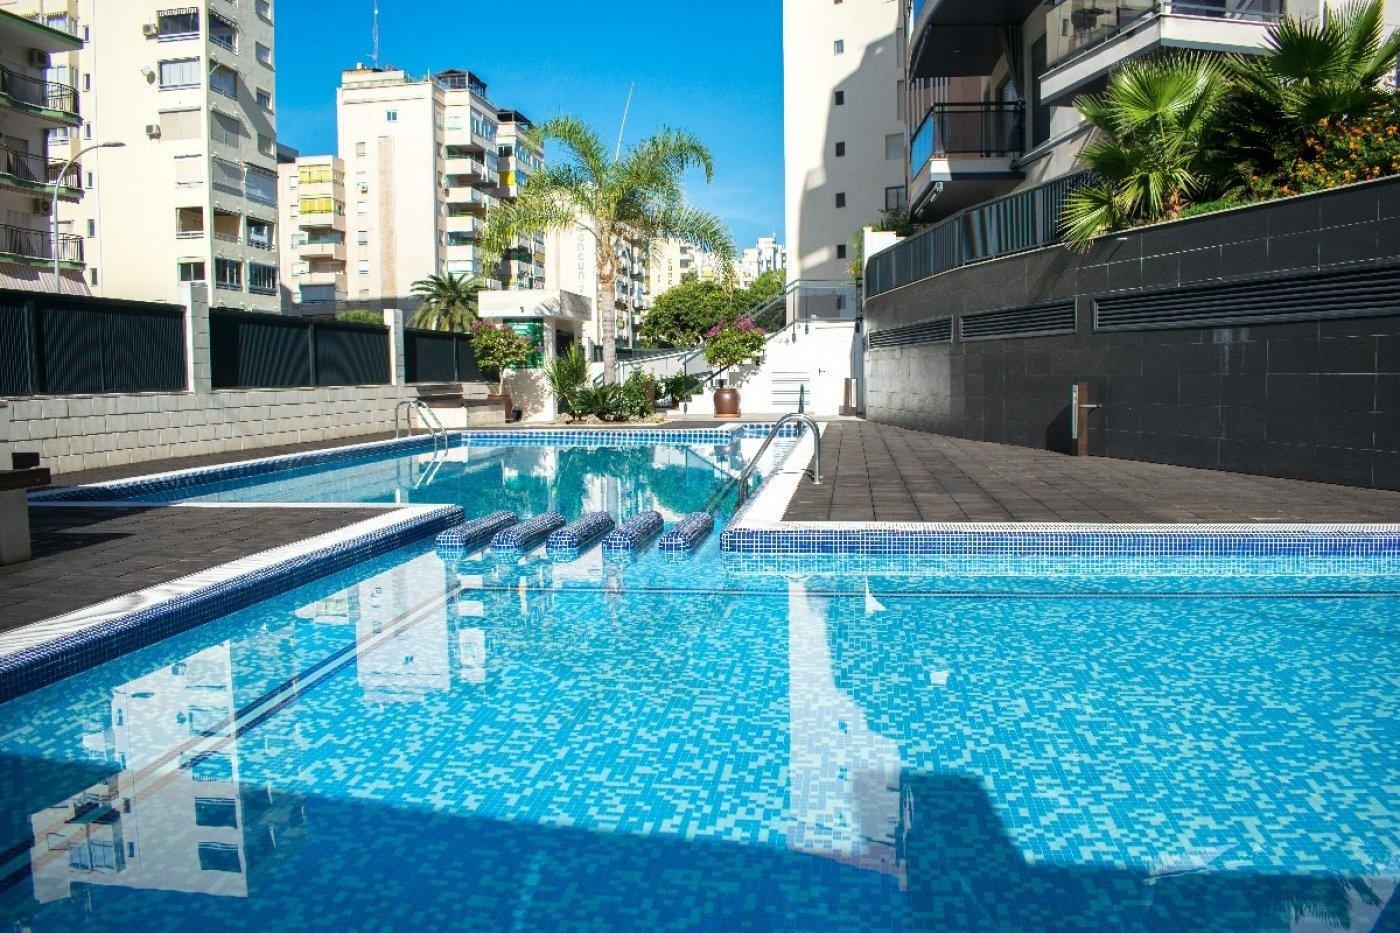 Apartamento en playa de gandia con piscina comunitaria y garaje incluido - imagenInmueble1